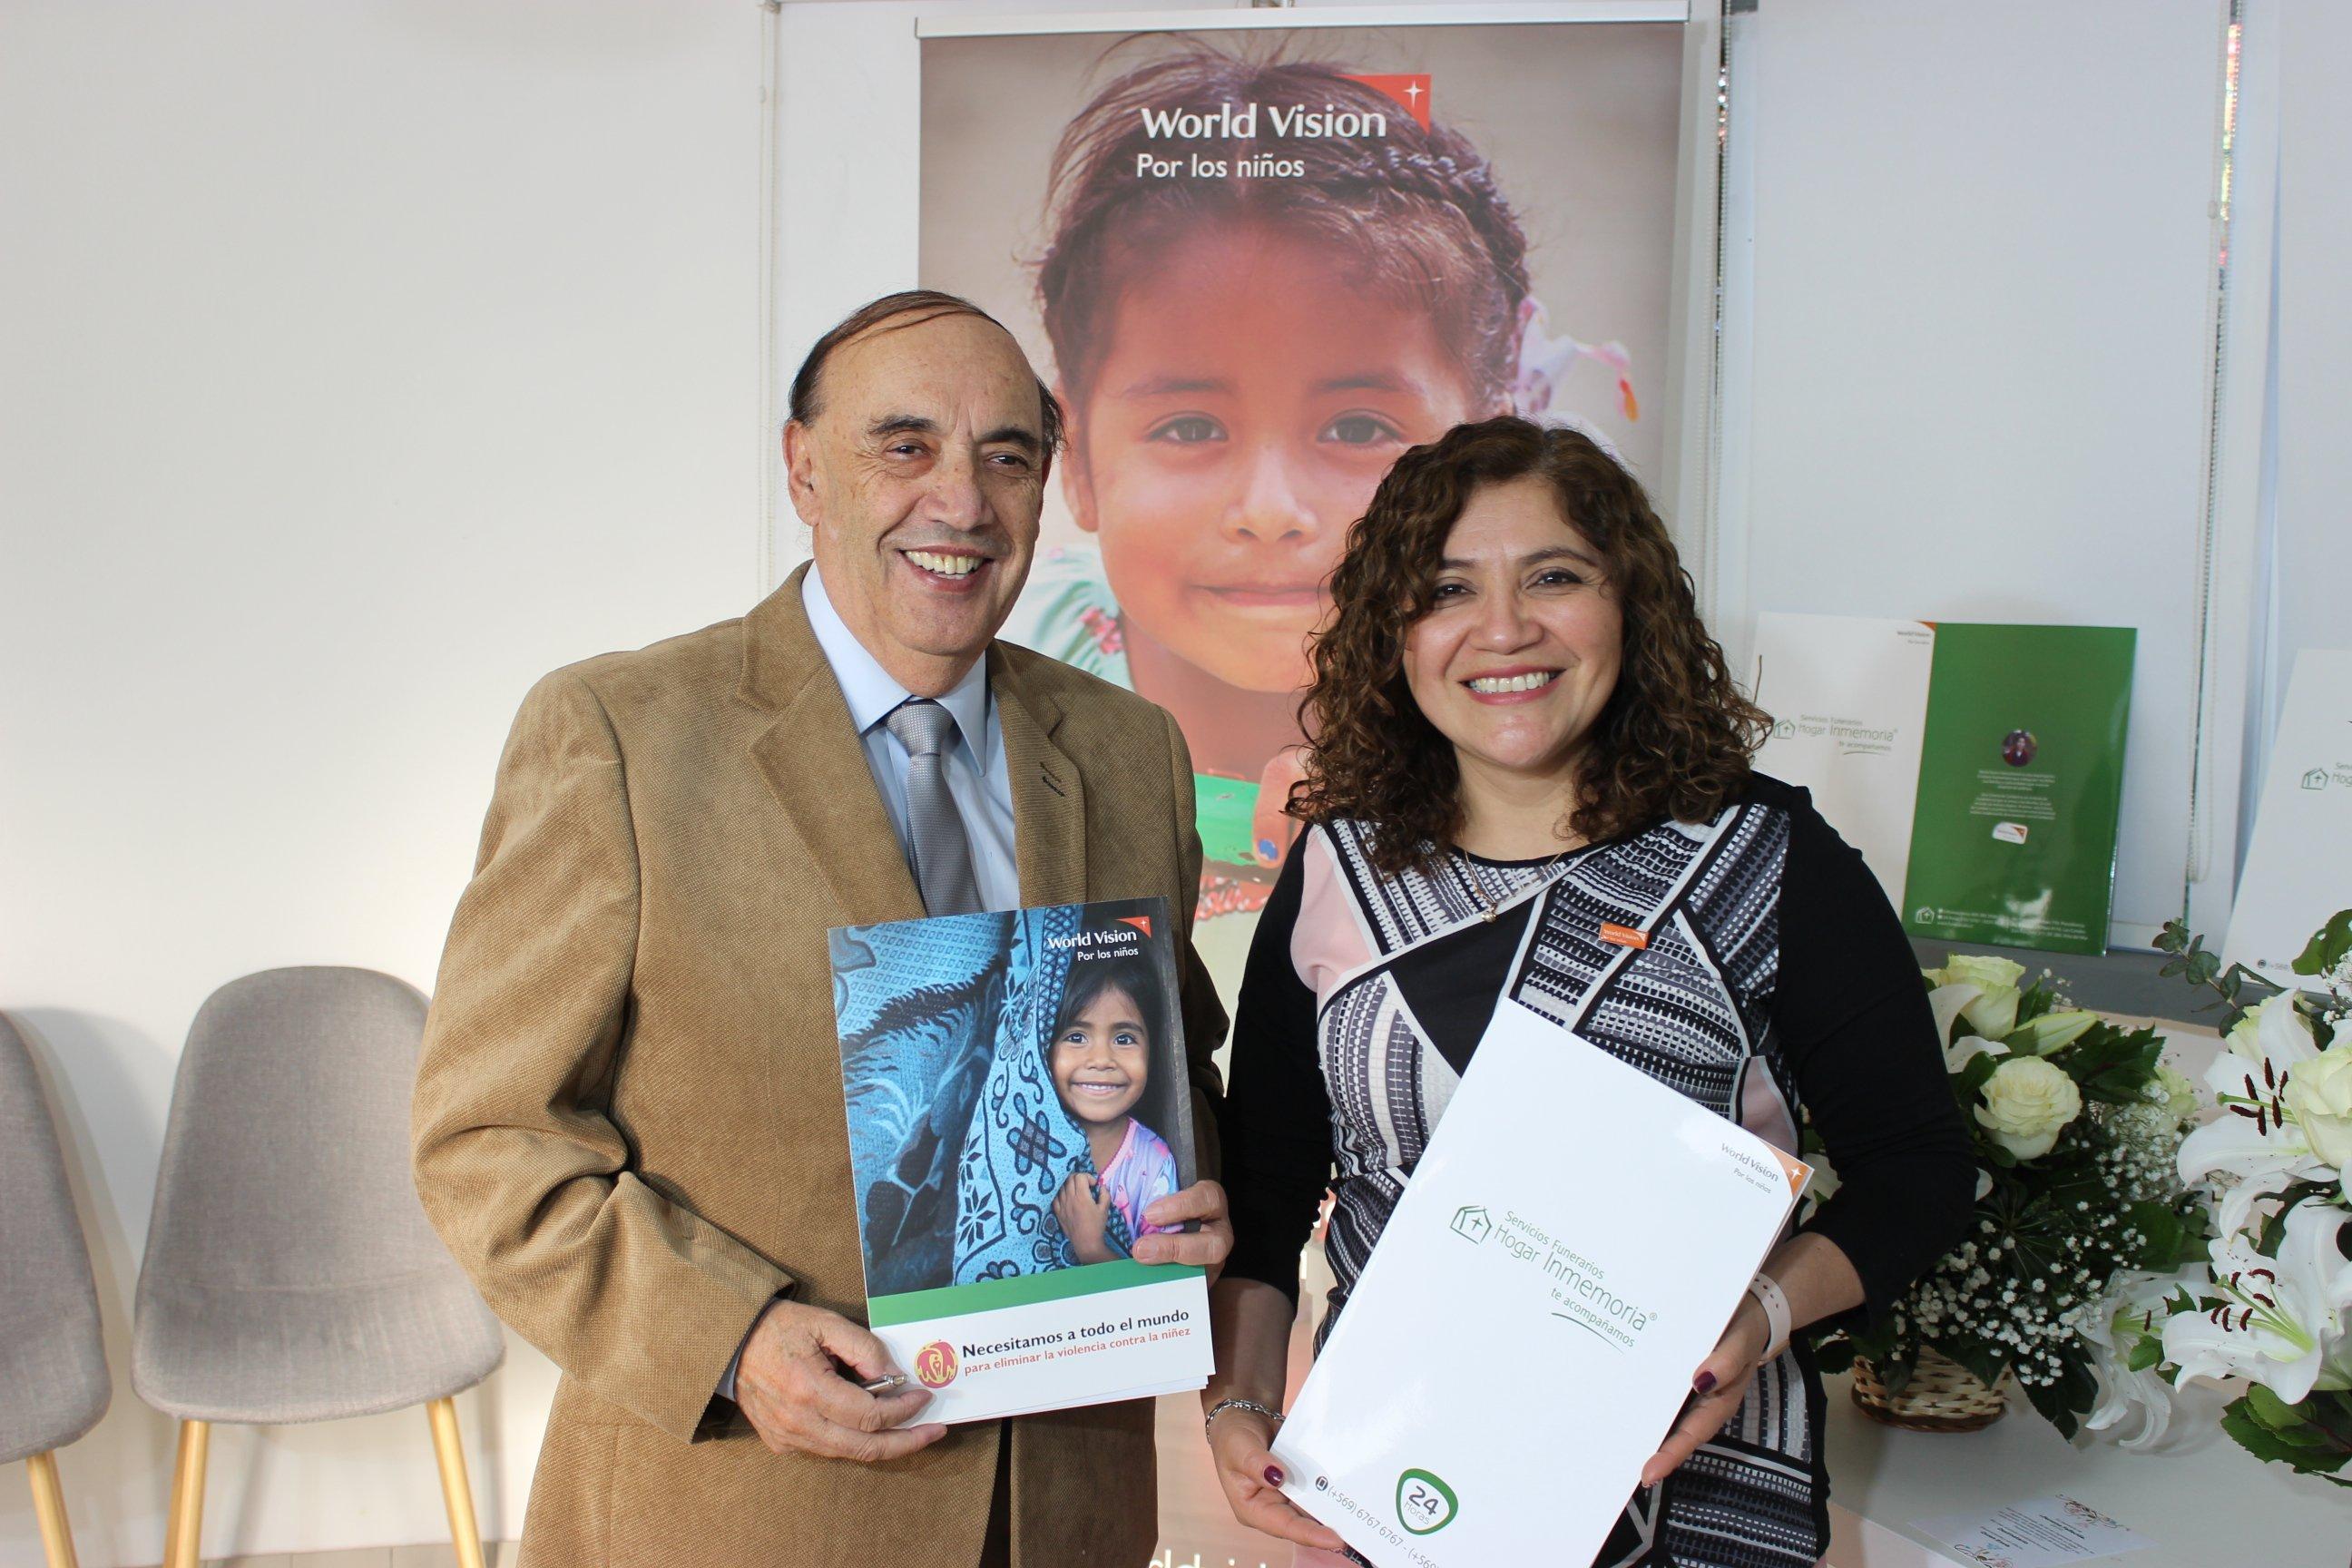 Sandra Contreras, Directora ejecutiva de World Vision, sosteniendo el documento que concreta la alianza con la funeraria Hogar Inmemoria